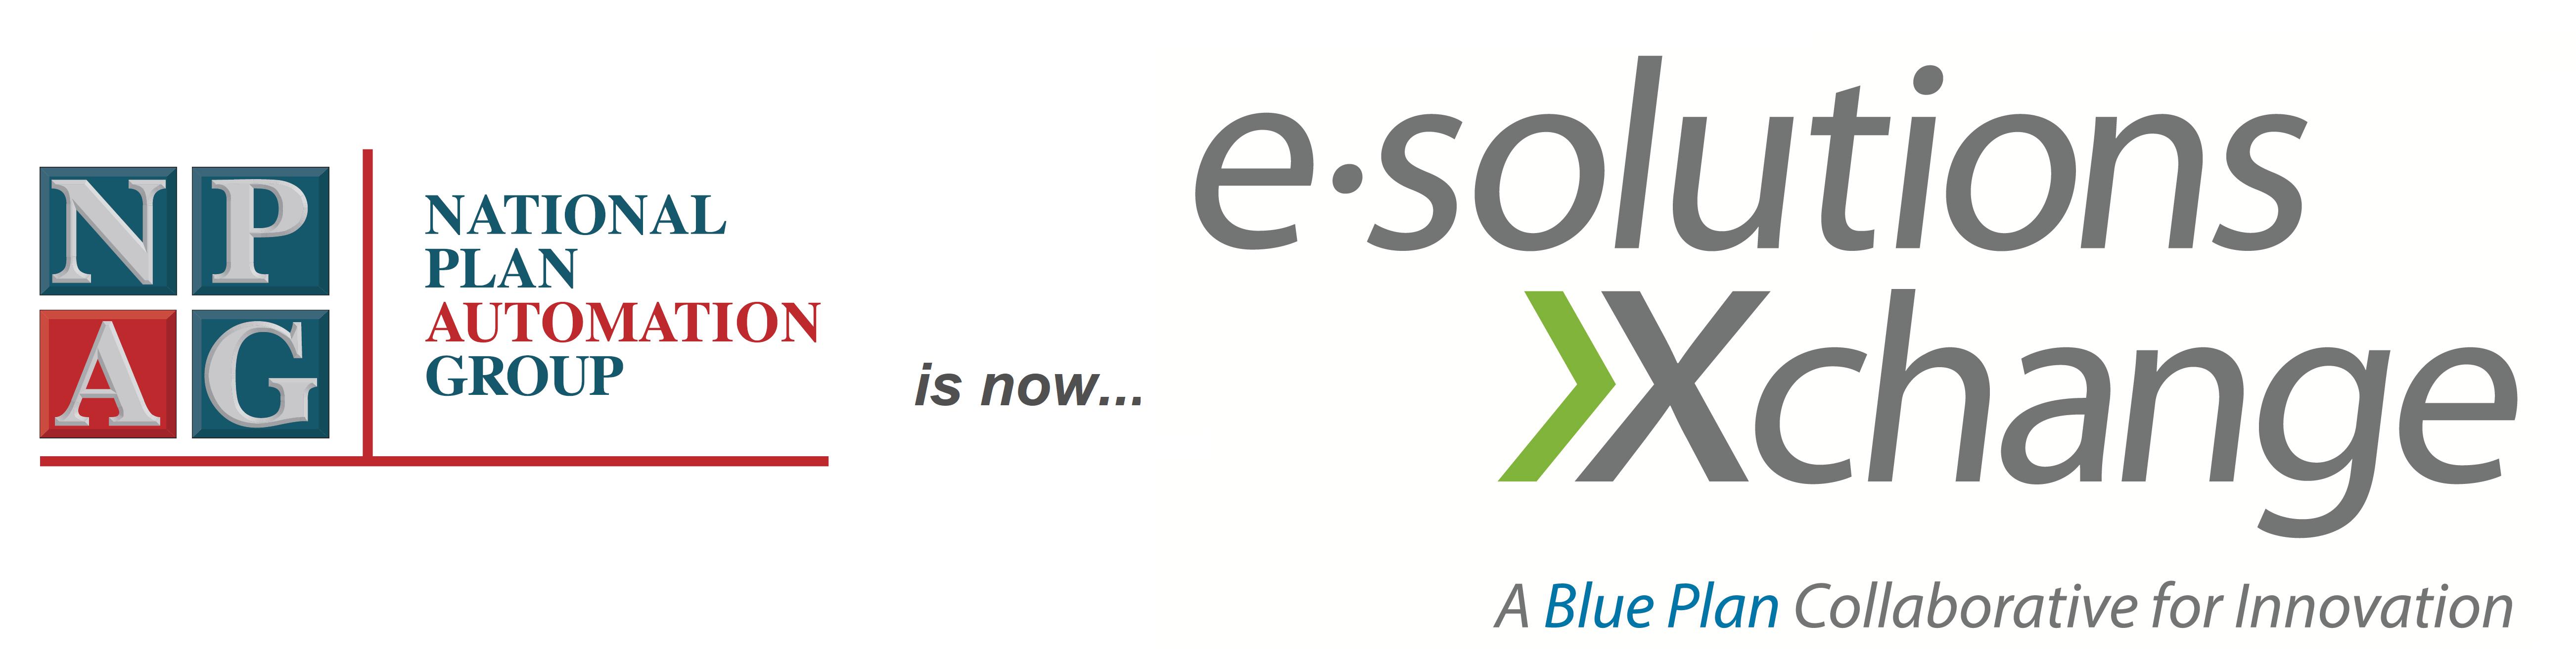 eSolutions Xchange